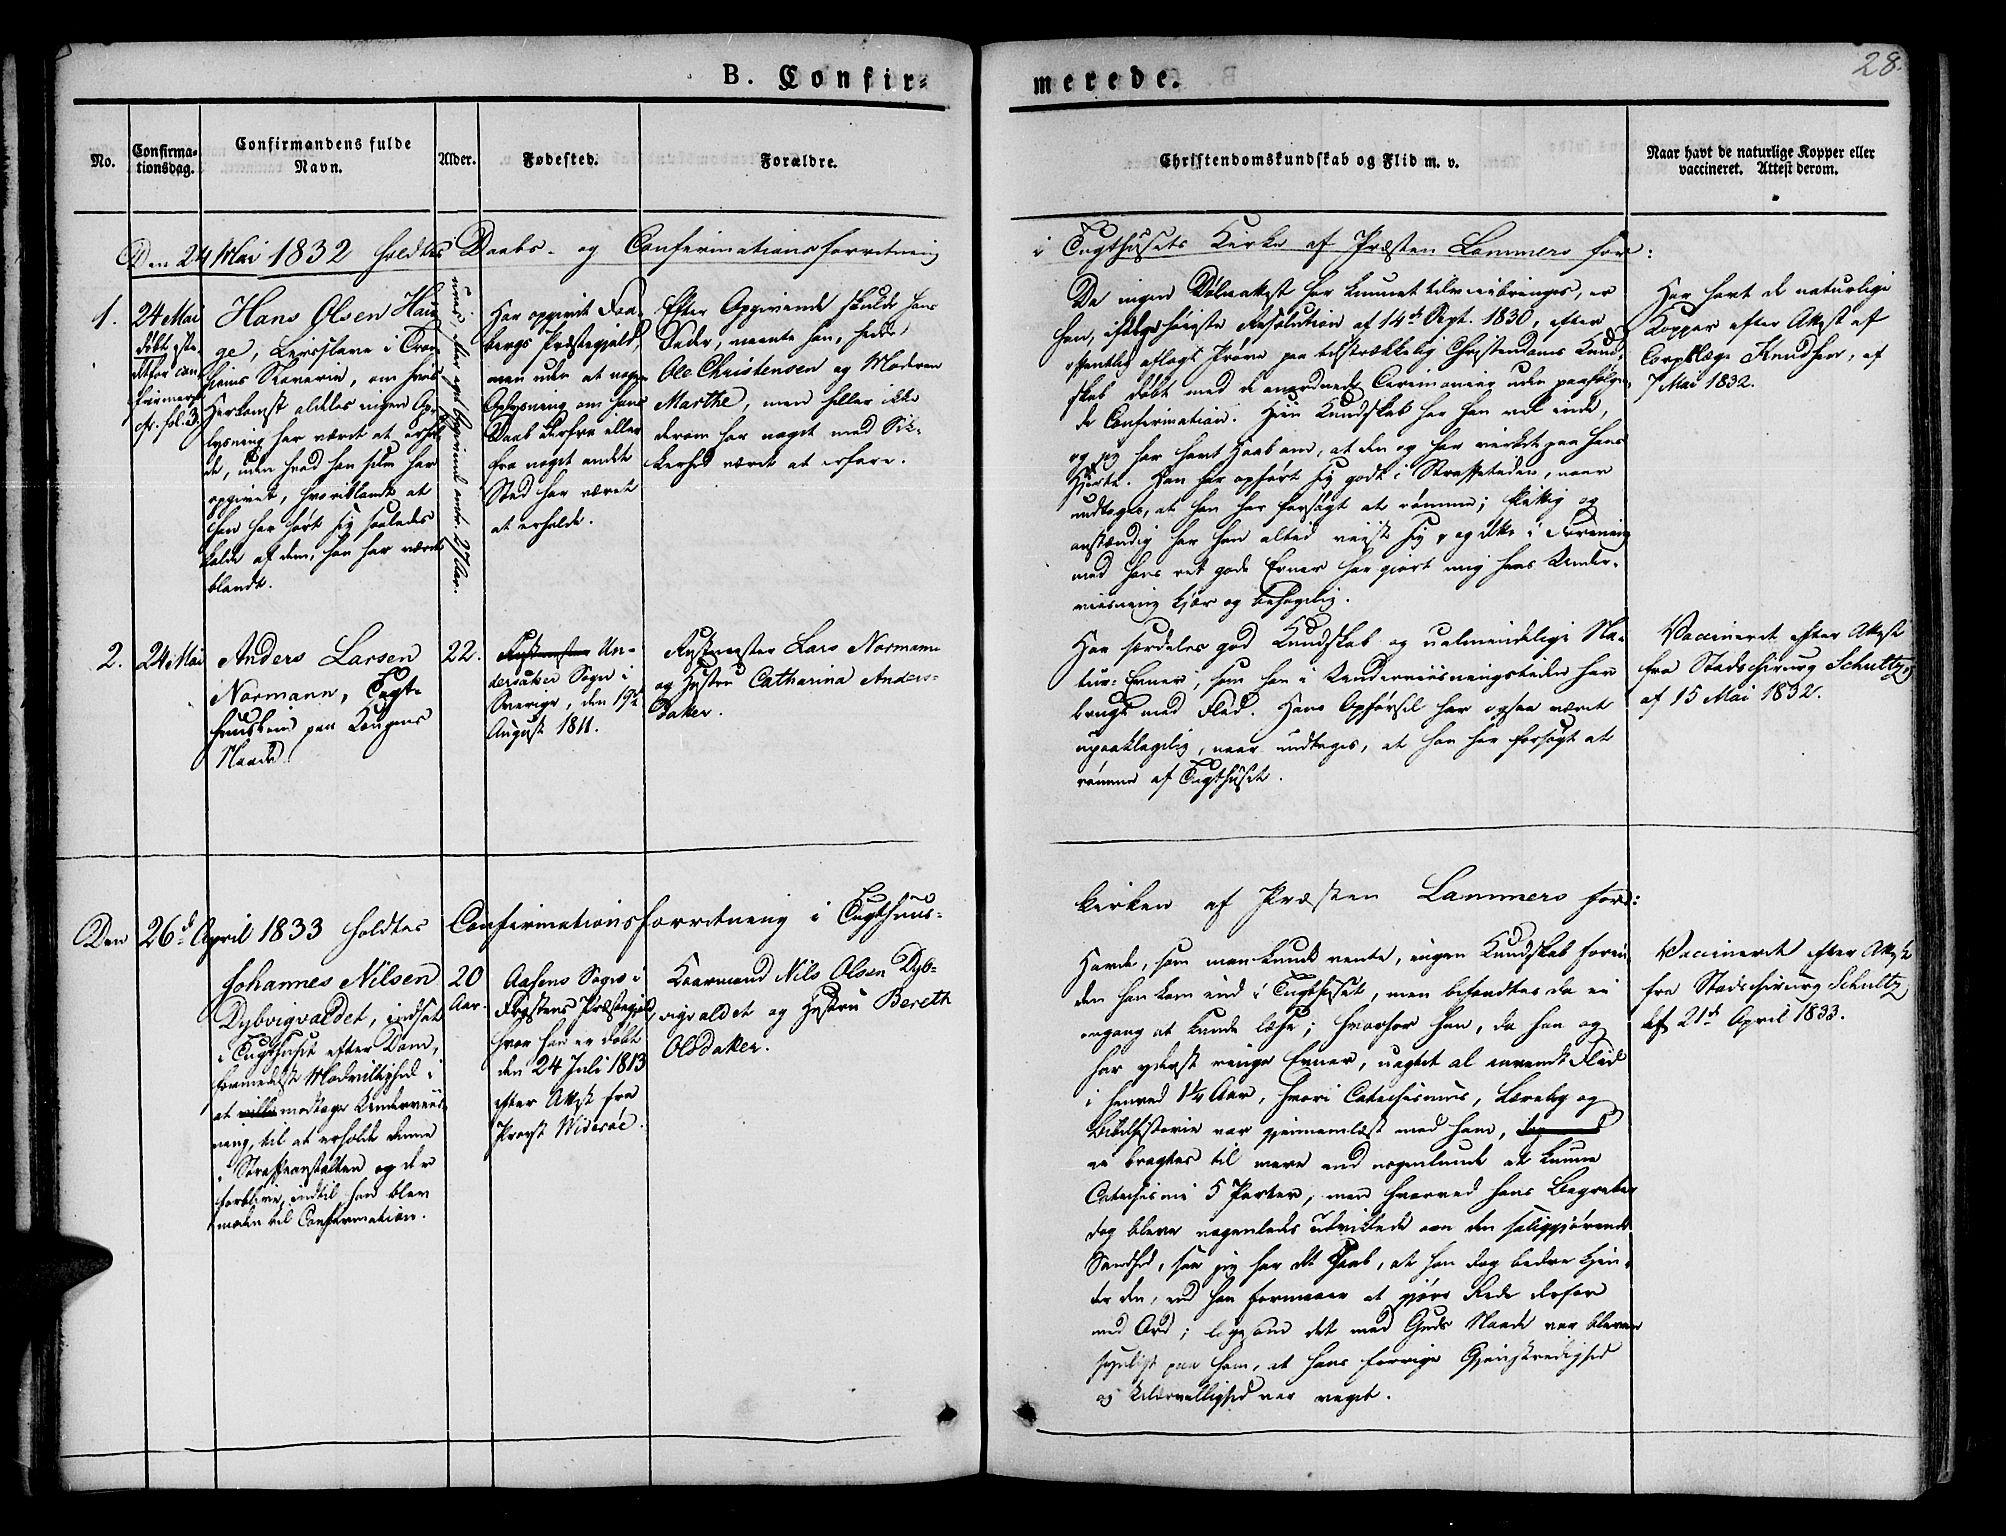 SAT, Ministerialprotokoller, klokkerbøker og fødselsregistre - Sør-Trøndelag, 623/L0468: Ministerialbok nr. 623A02, 1826-1867, s. 28